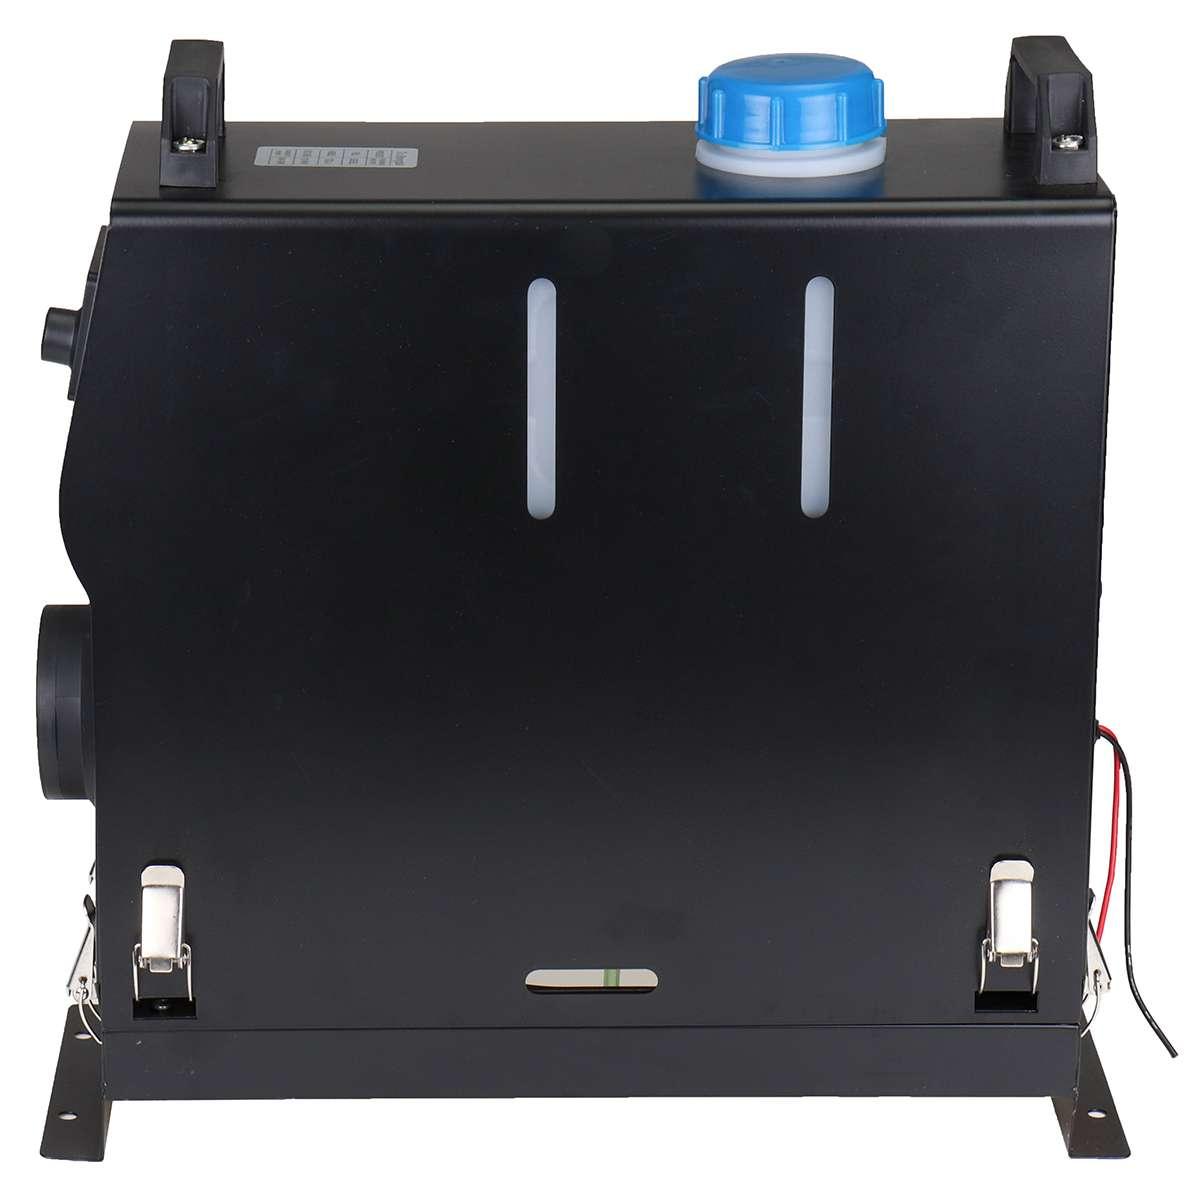 lcd do calefator do estacionamento do ar